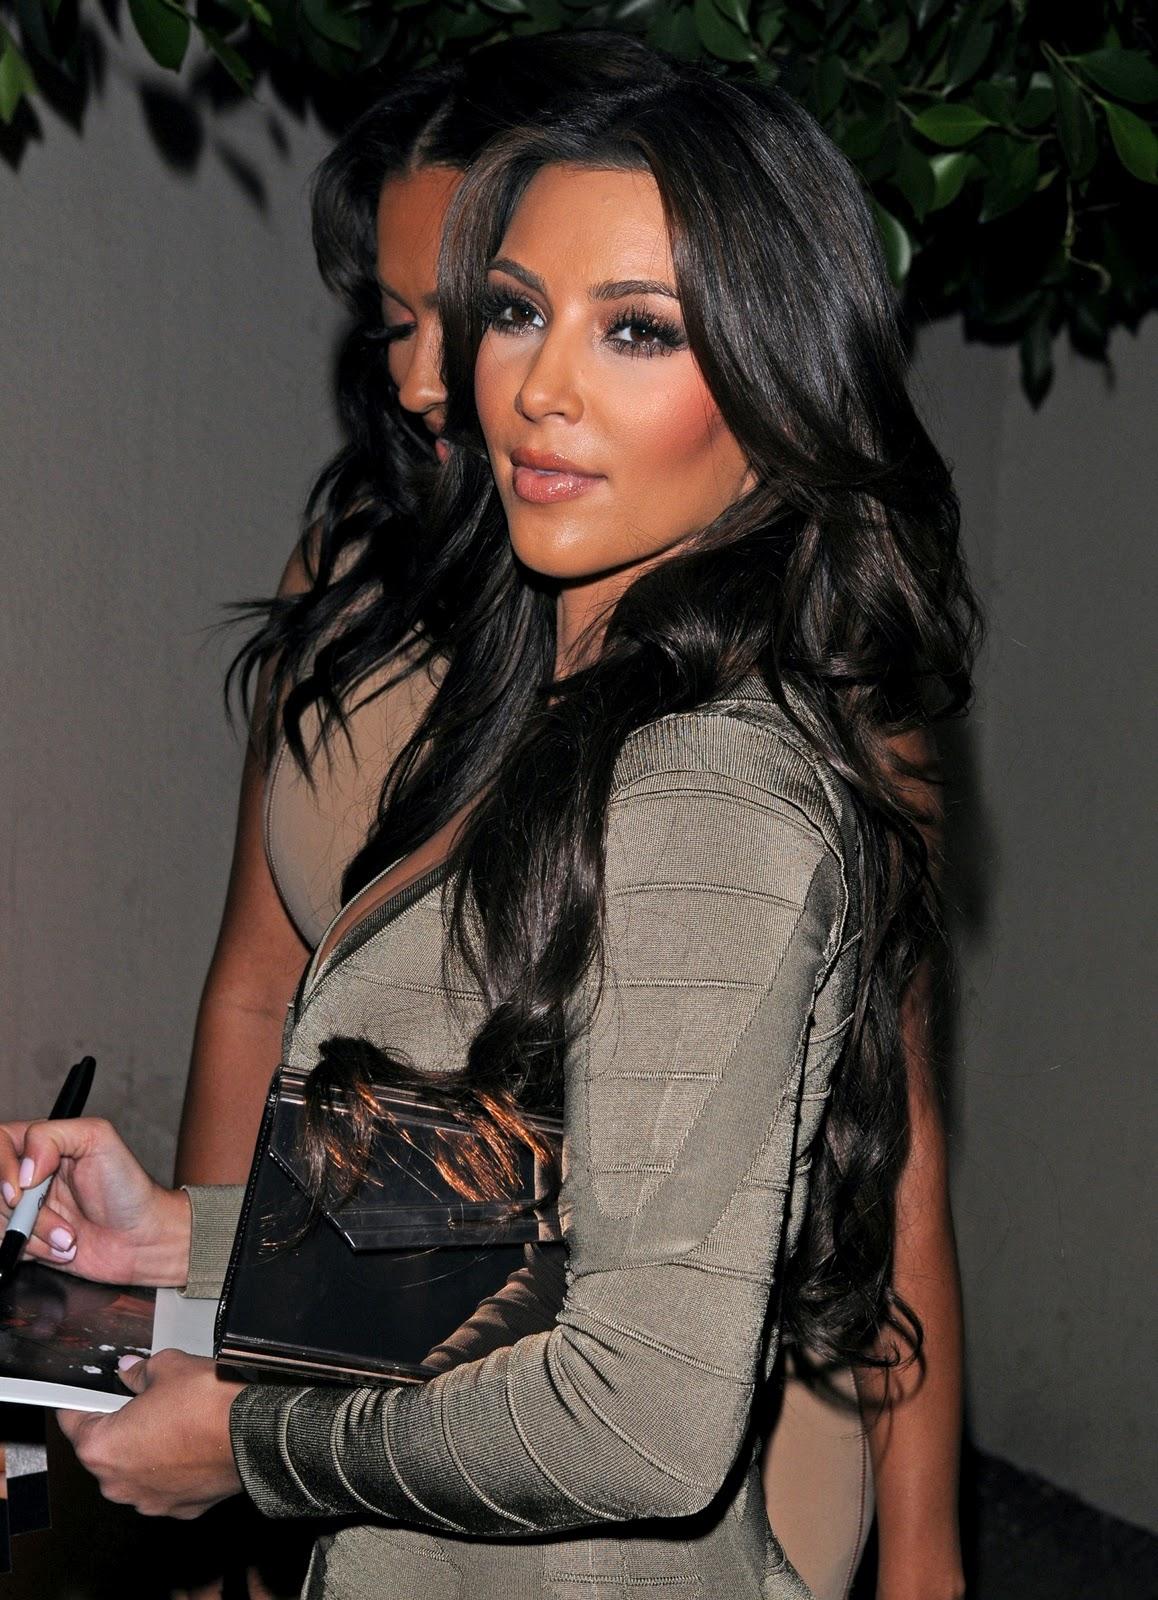 http://1.bp.blogspot.com/_DqQNorl_2Kc/TJ4A0lkXQKI/AAAAAAAAAD8/GwYmcJqVGxg/s1600/Kim-Kardashian-26.jpg